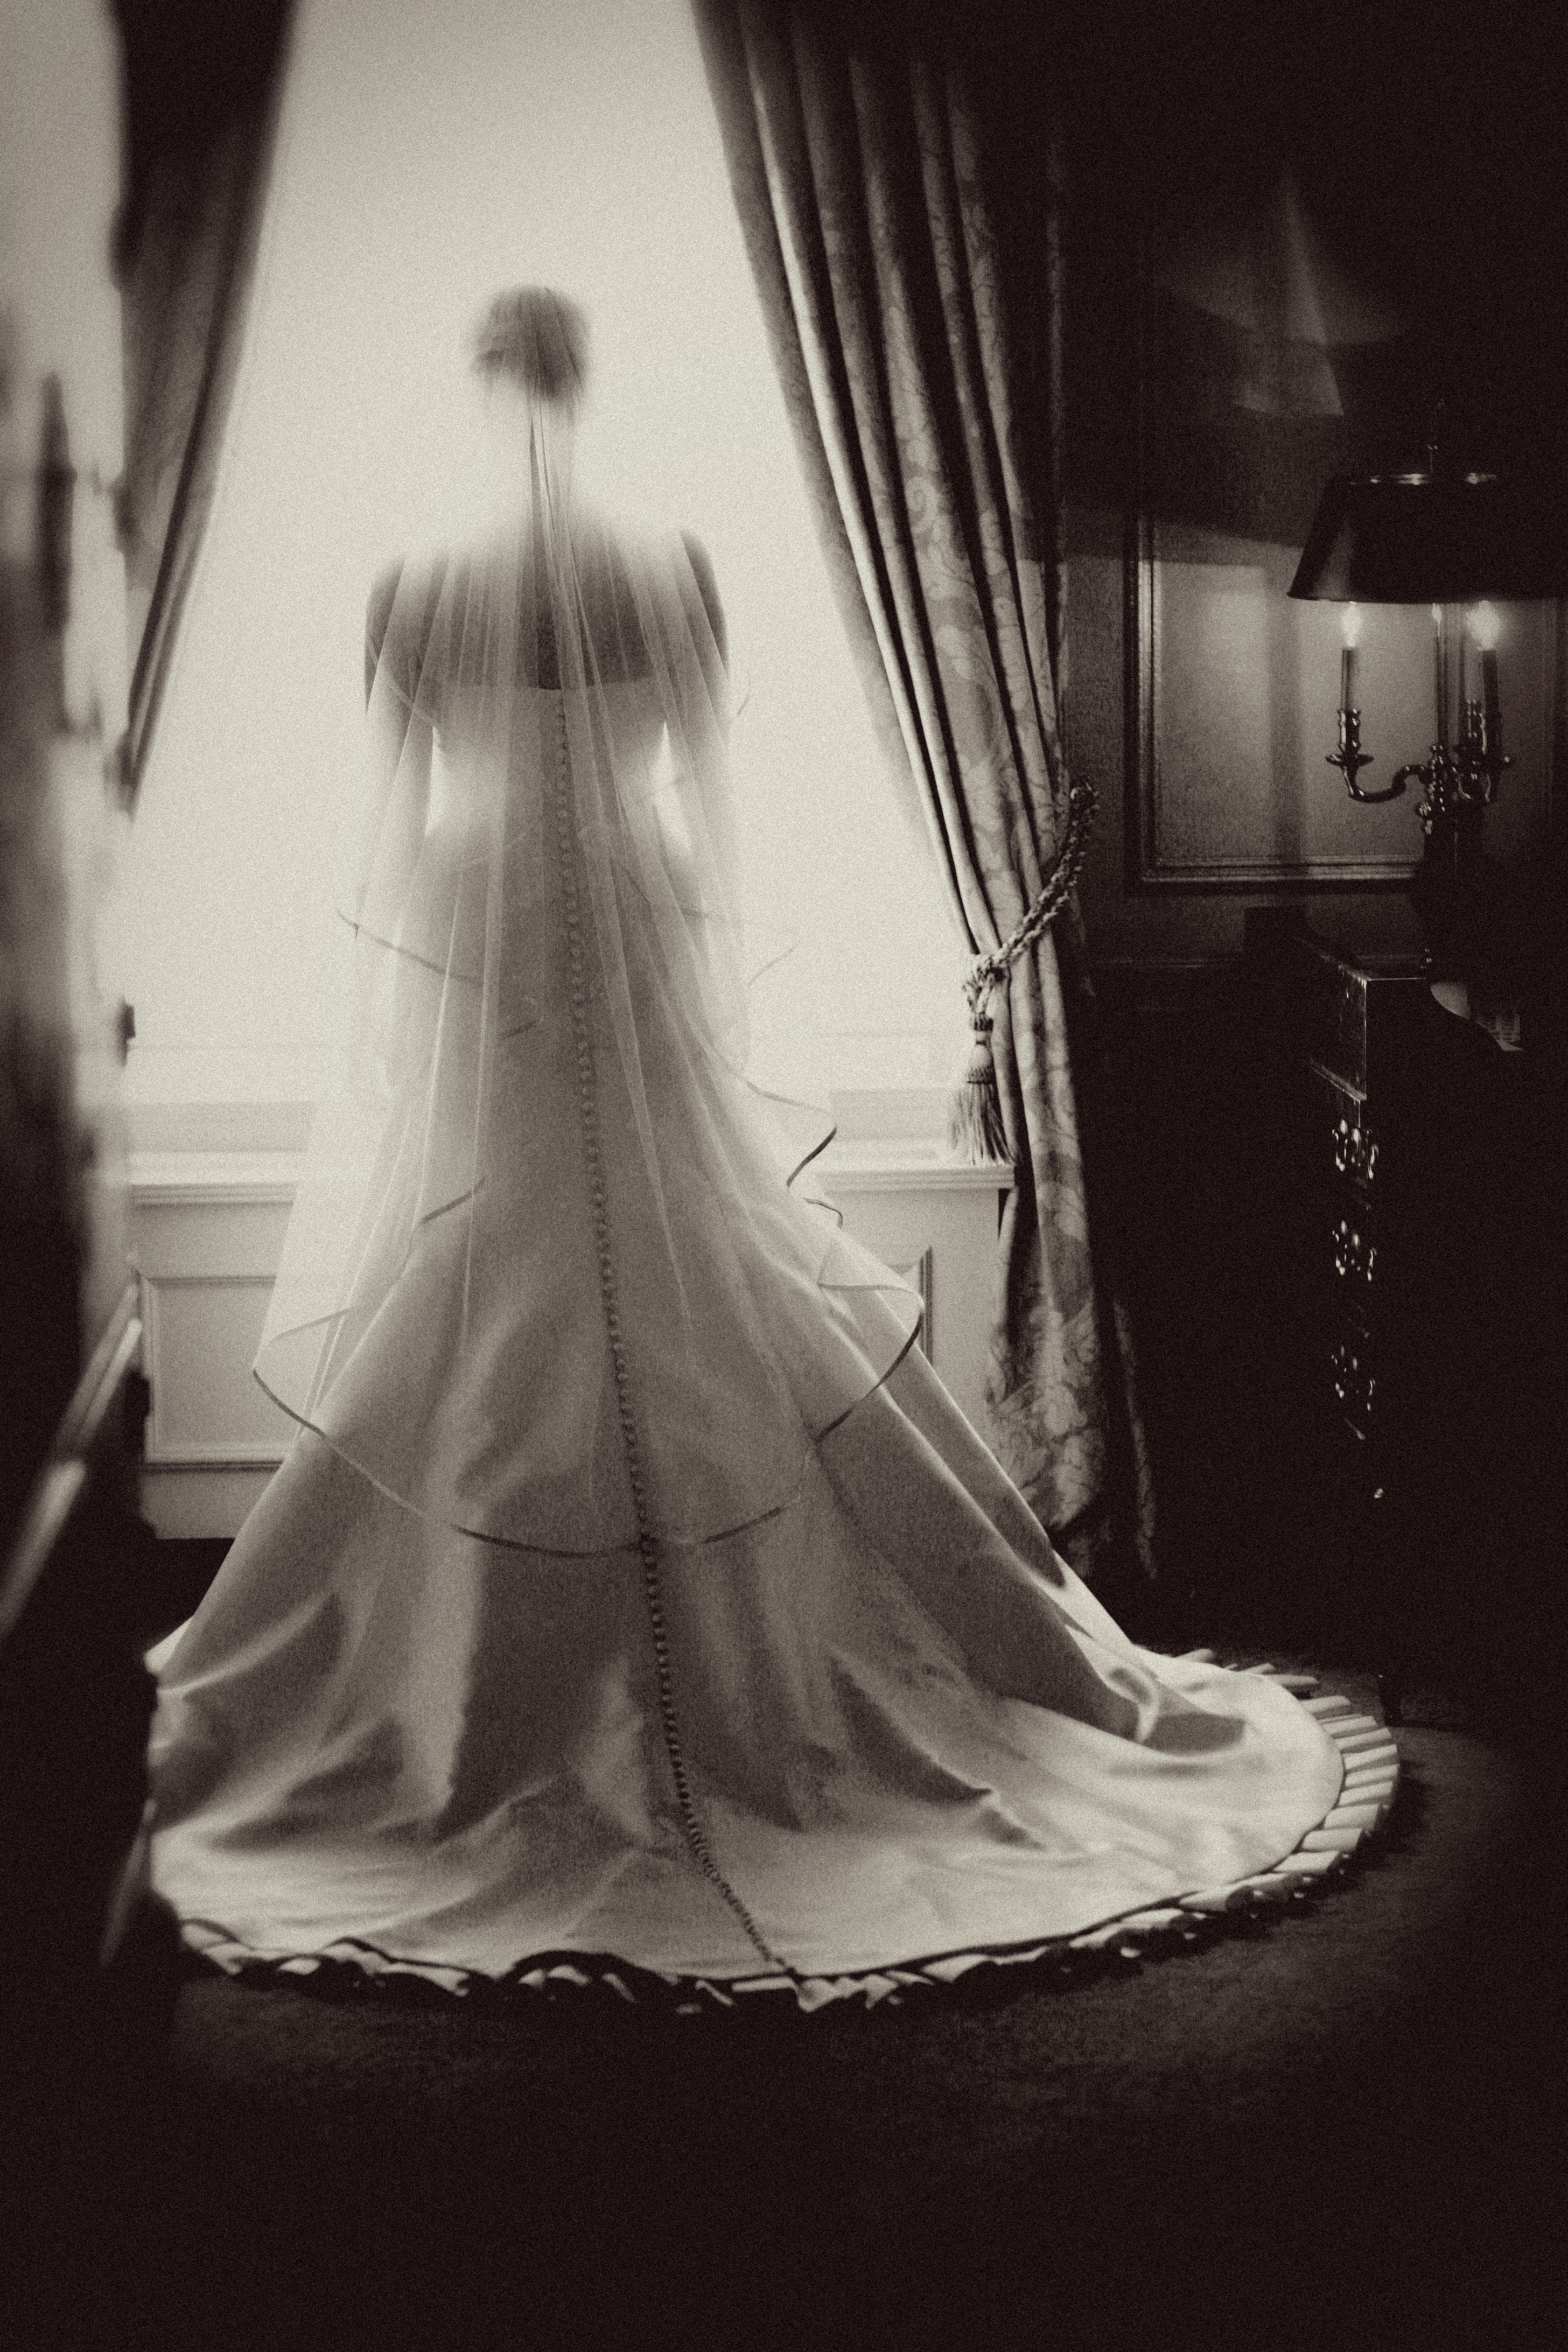 Wedding Dresses, Veils, Vintage Wedding Dresses, Fashion, dress, Vintage, Bride, Veil, Fairmont, Downey street events, Annie mcelwain